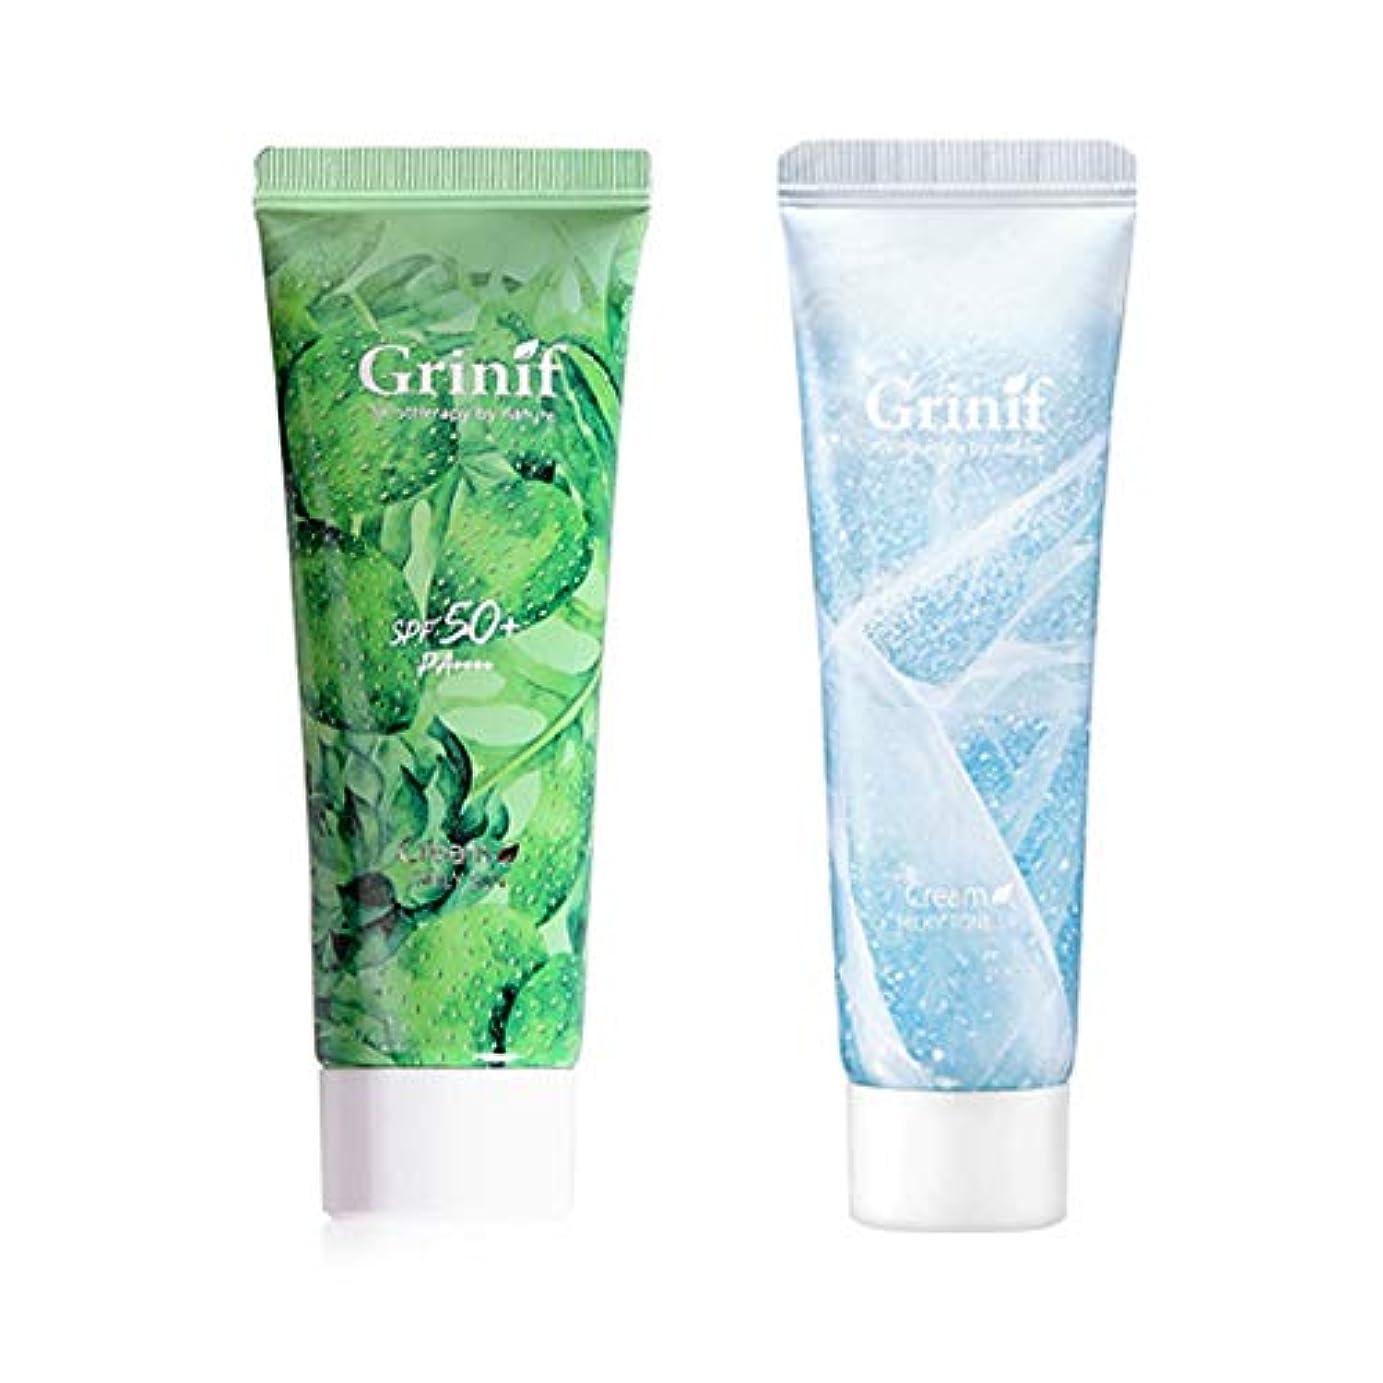 未満媒染剤同様の[Grinif] グリーニフ Daily Sun Cream デーリー 日焼け止めクリーム 1.7oz SPF50+, Milky Tone Up Cream ミルキートーンアップクリーム 1.7oz Set Makeup...